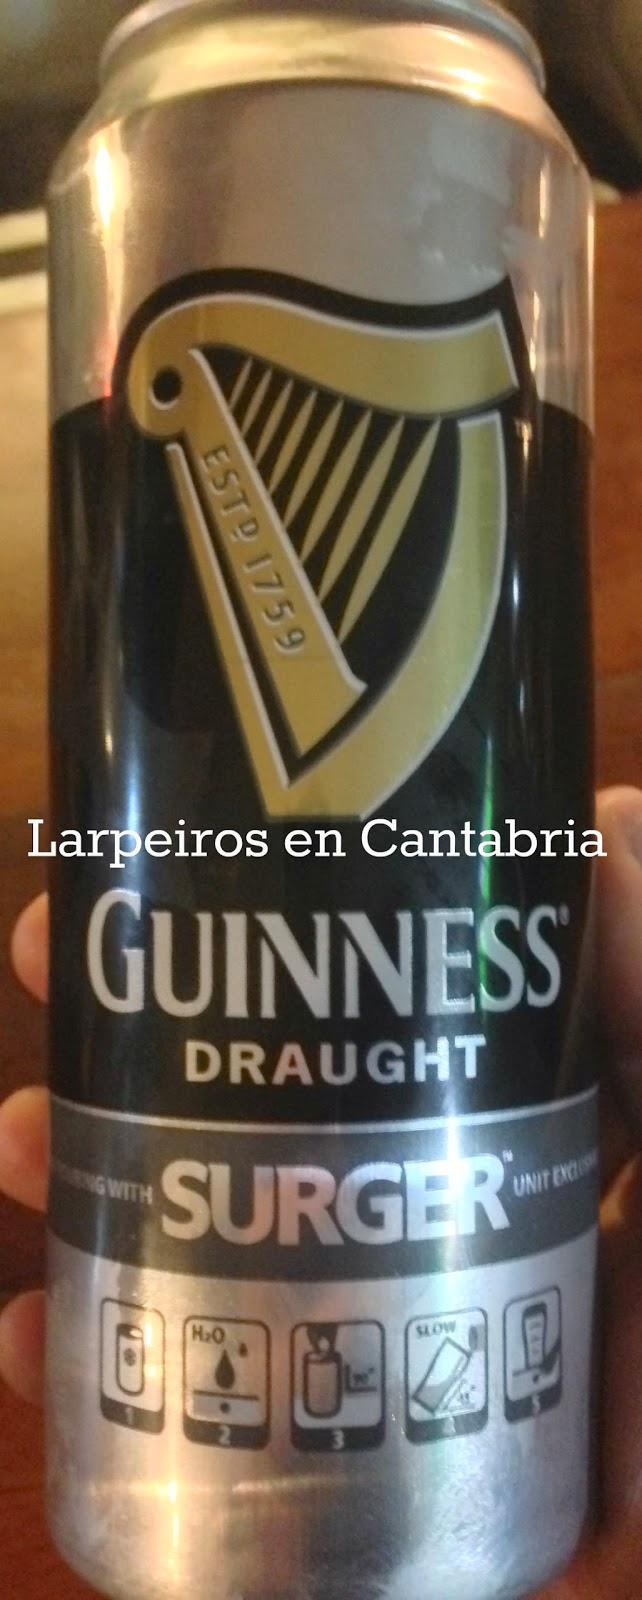 Cerveza Guinnes Surger: Esto no es lo que era